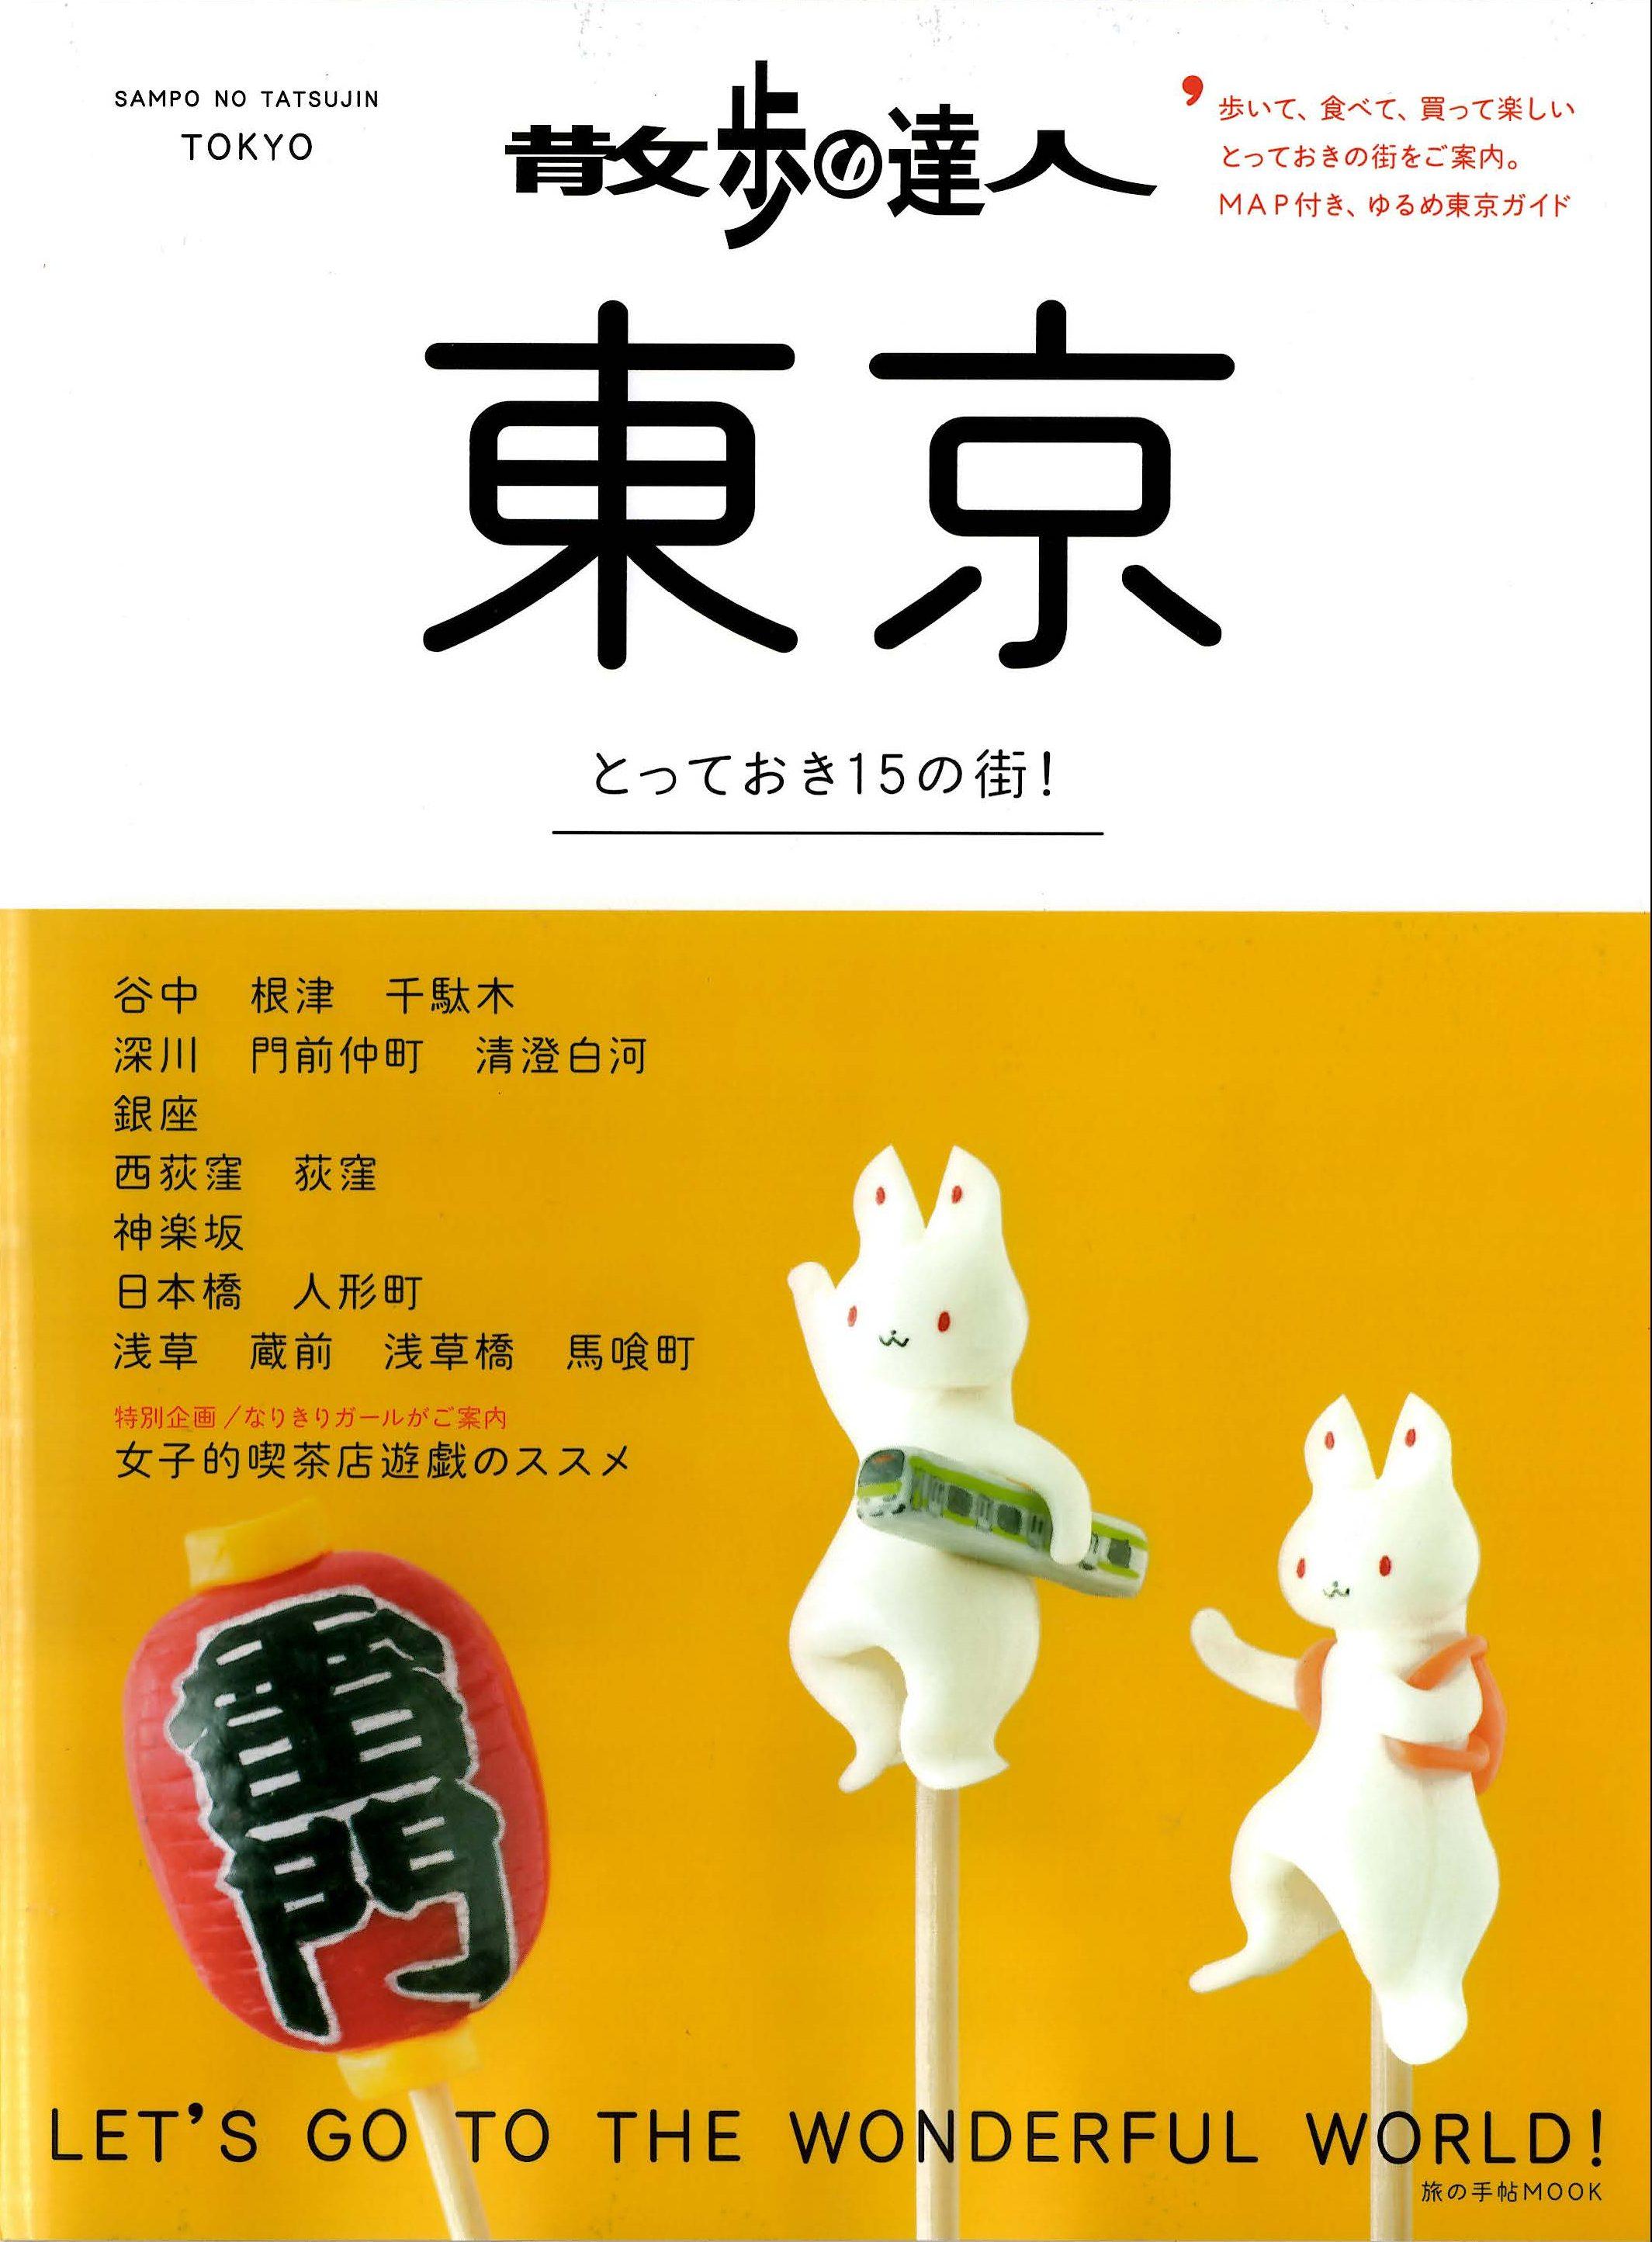 散歩の達人7月号『東京』特集にて結わえる本店をご紹介いただきました!